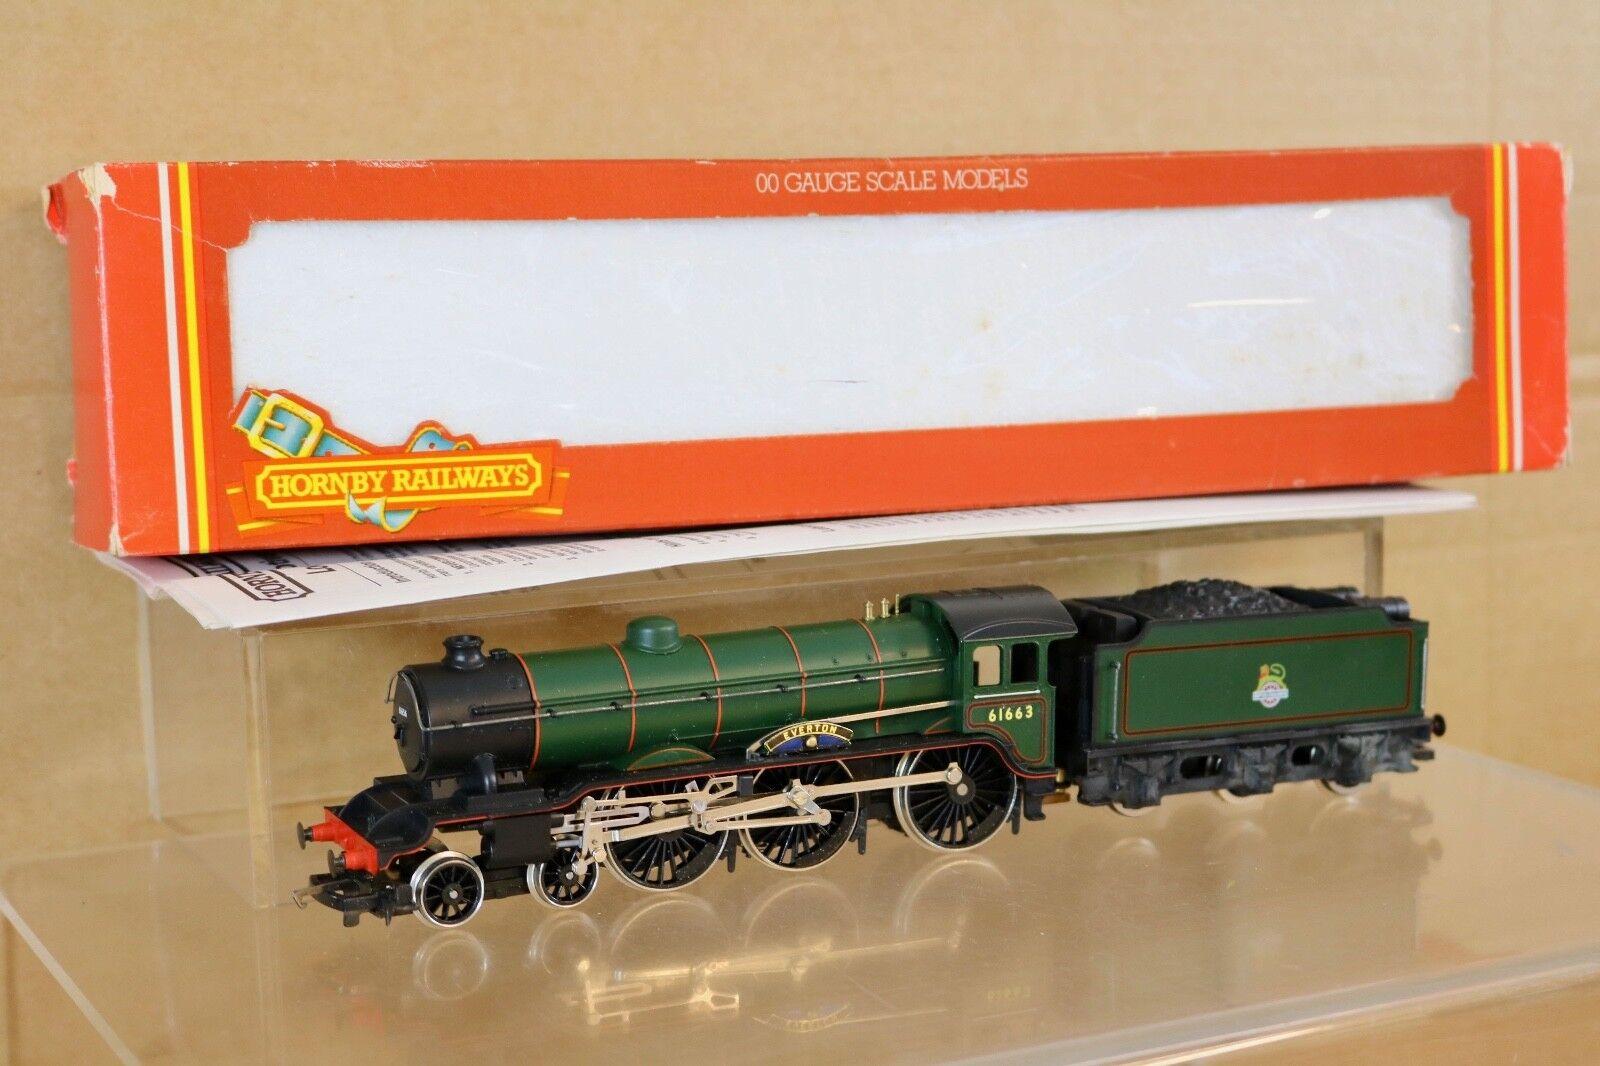 Entrega directa y rápida de fábrica HORNBY R060 BR verde 4-6-0 CLASS B17 LOCO 61663 61663 61663 EverdeON BOXED np  calidad garantizada